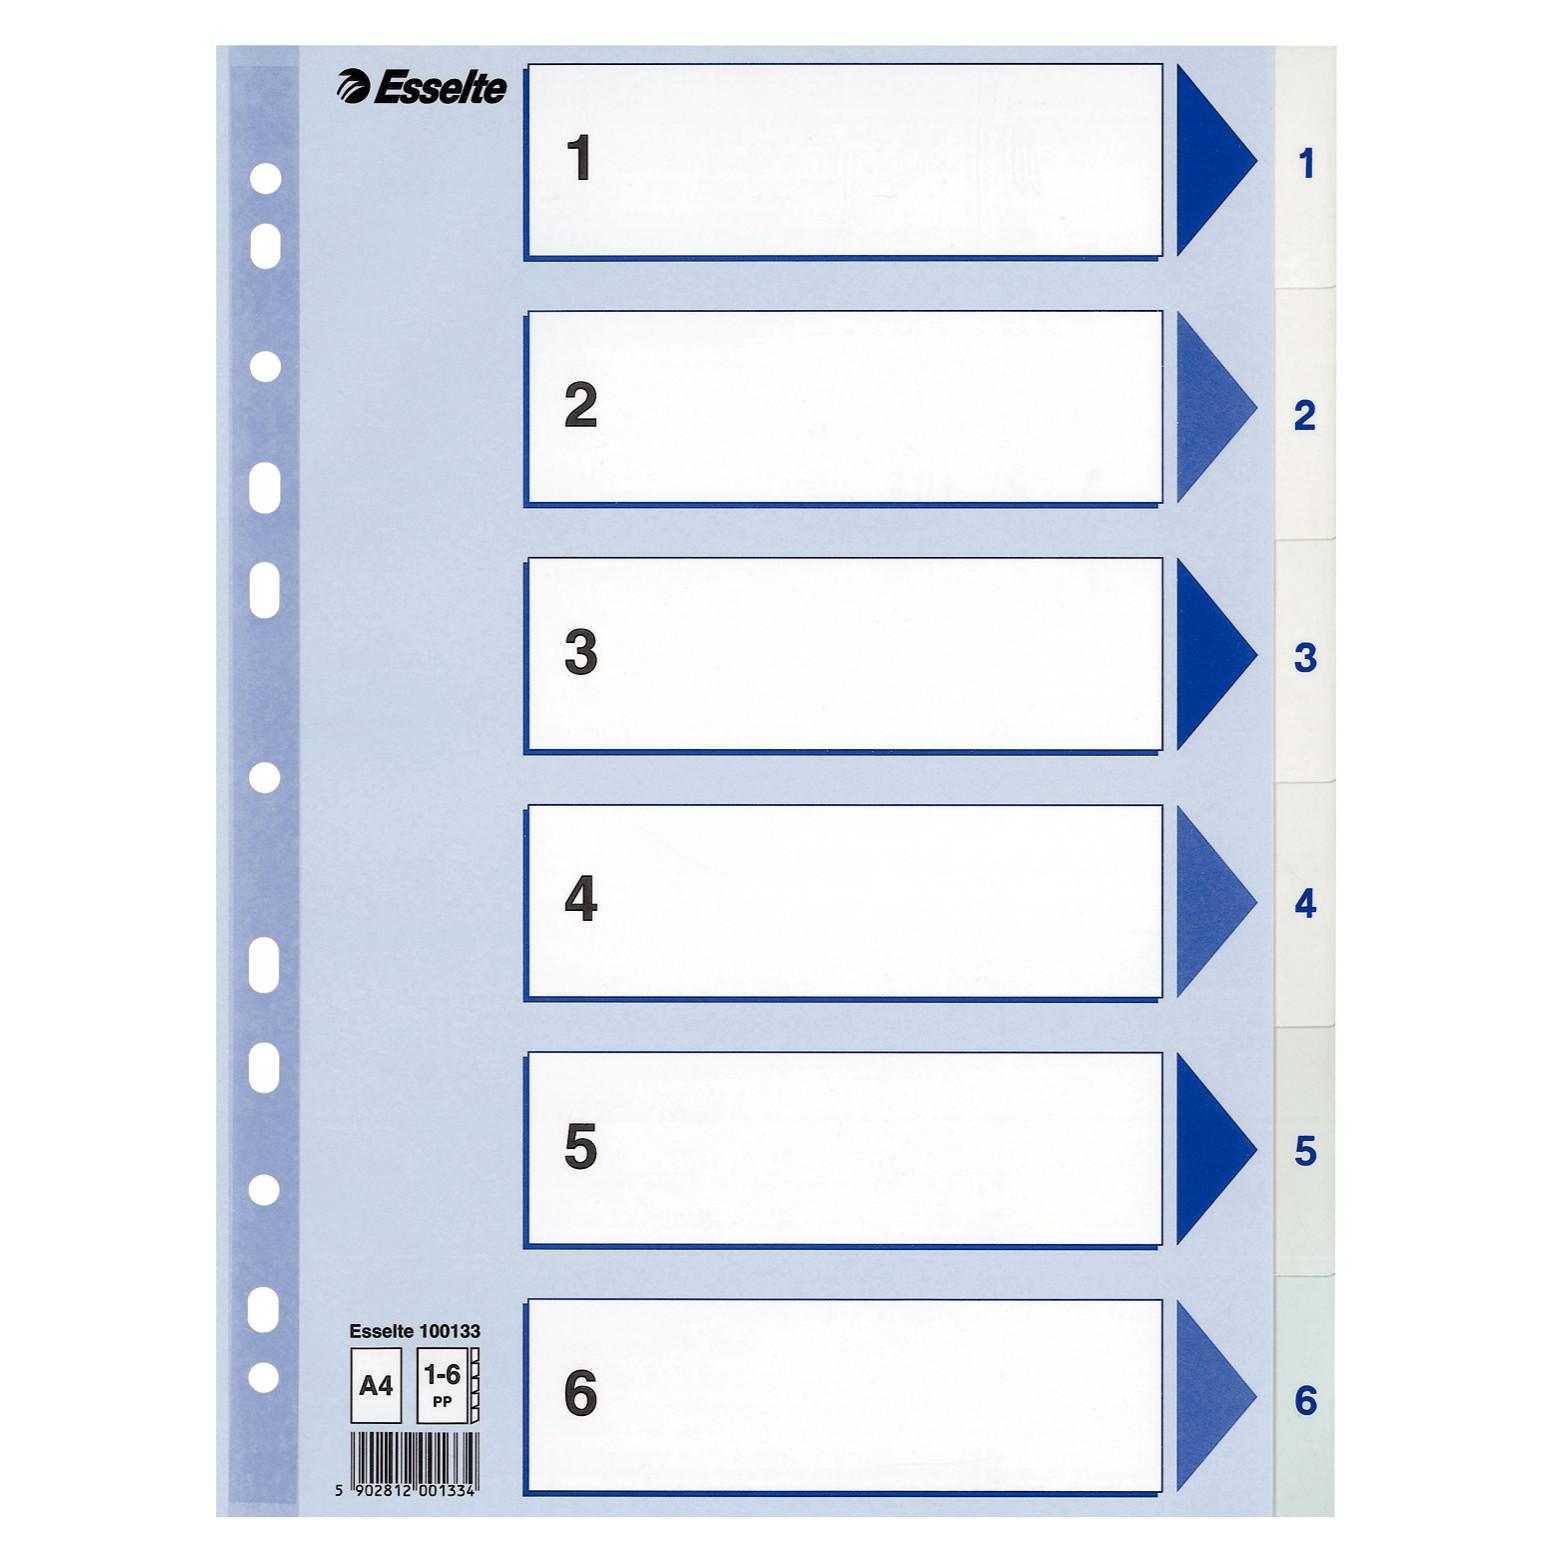 Faneblade Esselte 1-6 A4 - hvide plastfaner med blå forside i karton